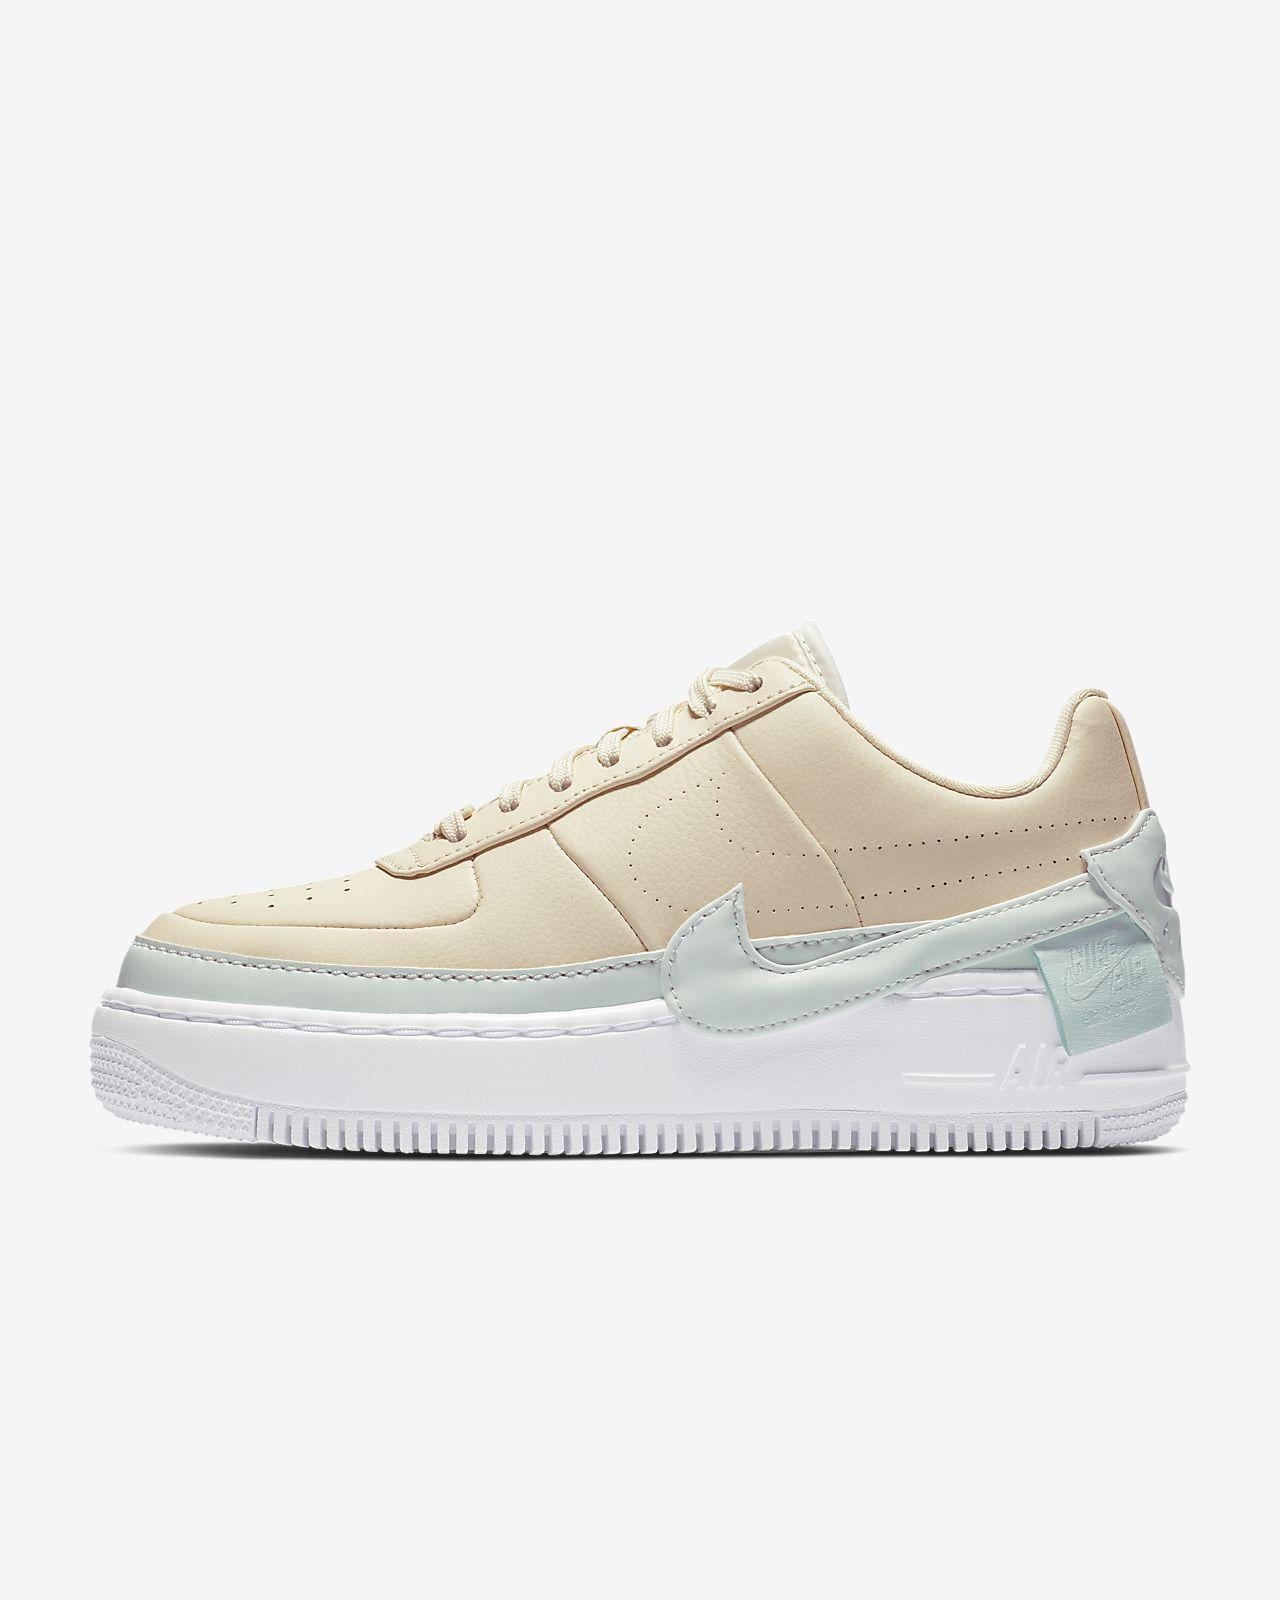 meet 3f354 81755 ... Nike Air Force 1 Jester XX-sko til kvinder